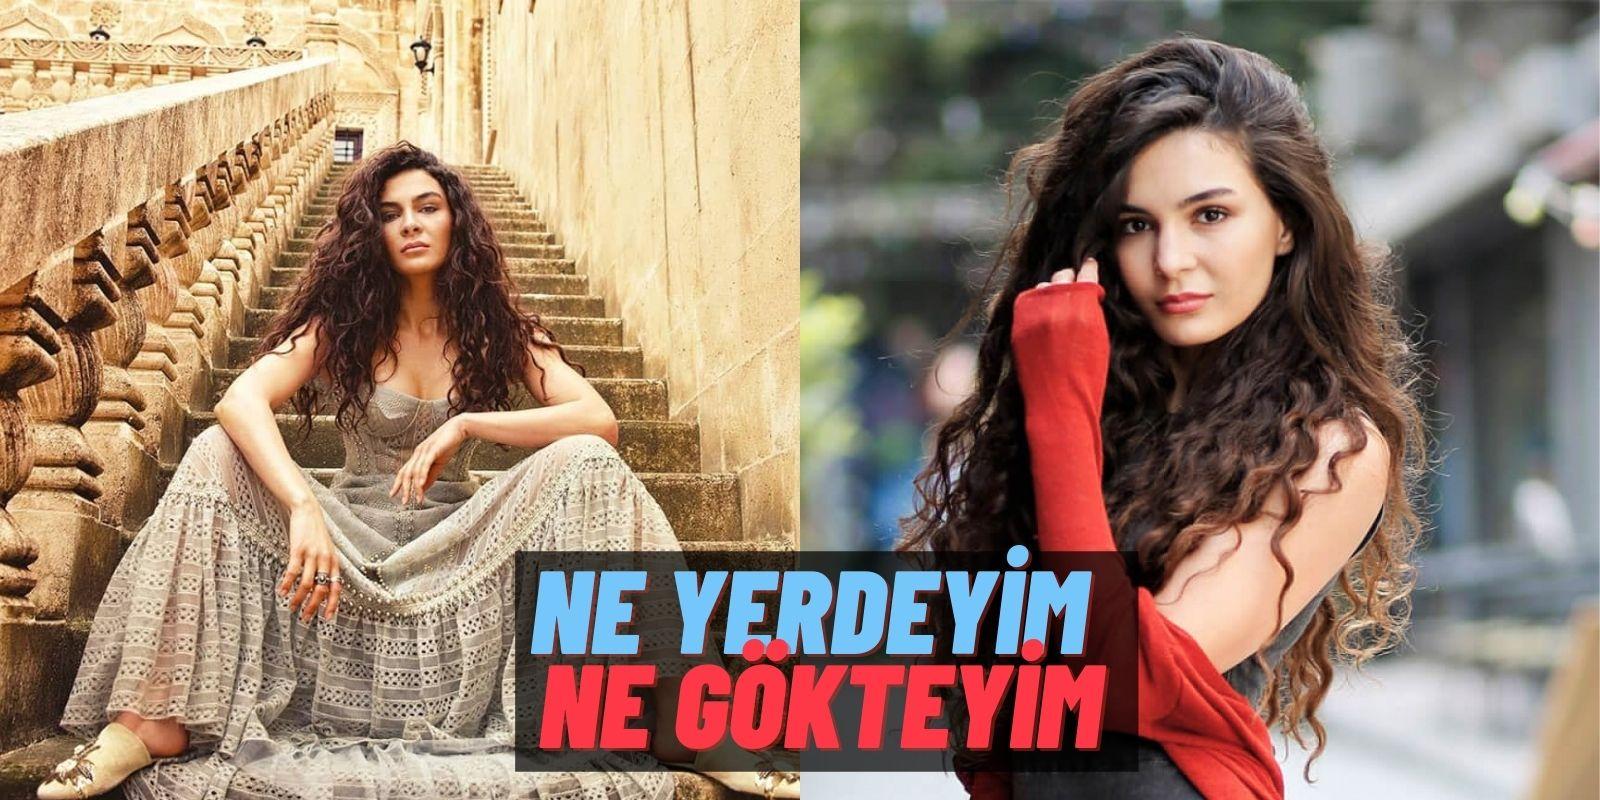 Hercai'nin Reyyan'ı Ebru Şahin'den İlginç Paylaşım! Ne Yerdeyim Ne Gökteyim